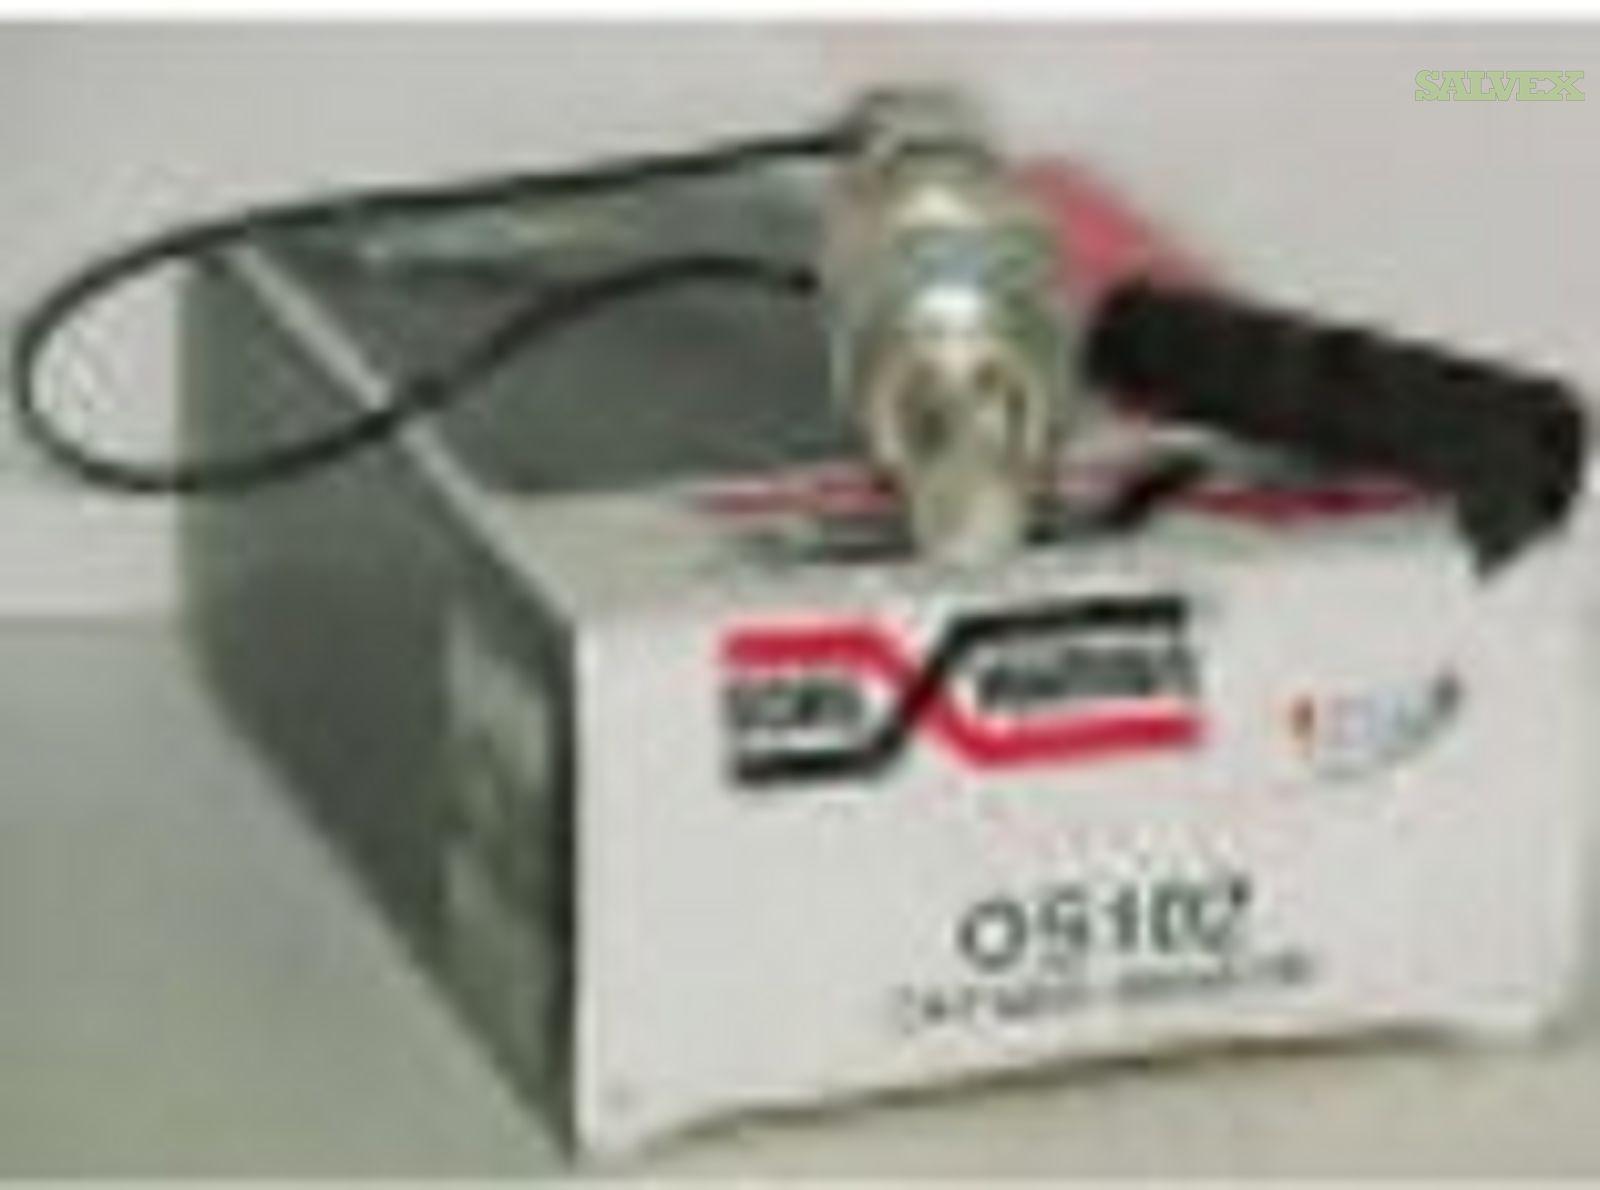 Borg Warner Oxygen Sensors (5,000 Units)